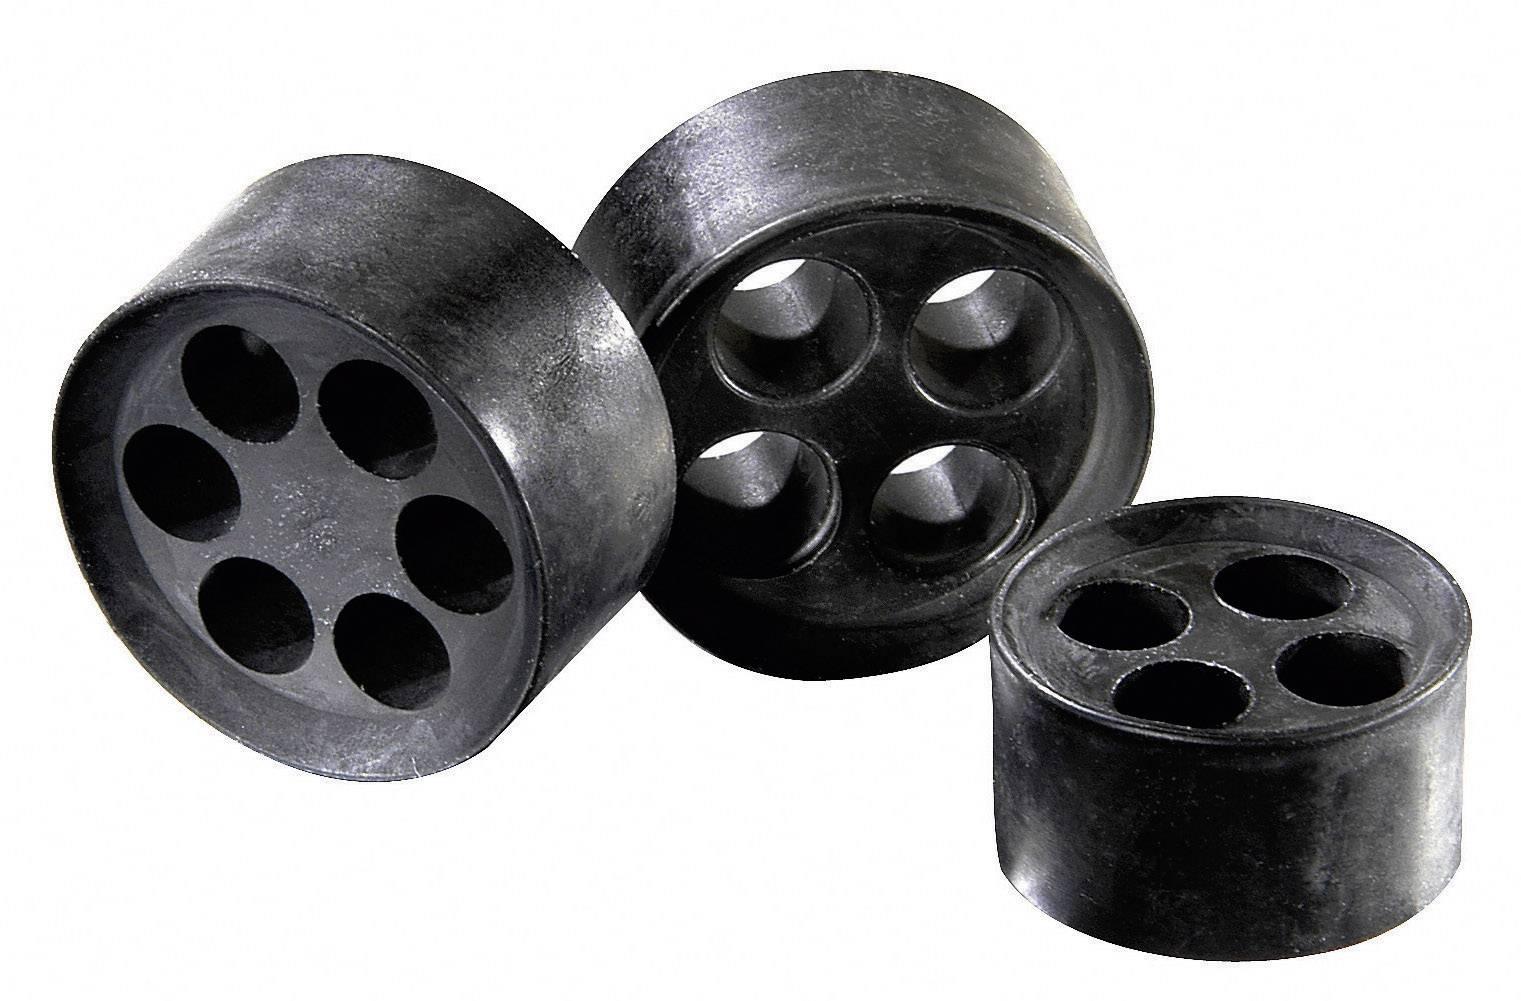 Těsnicí vložka M25 Wiska MFD 25/02/060 (10060452), IP66, M25, elastomer, černá